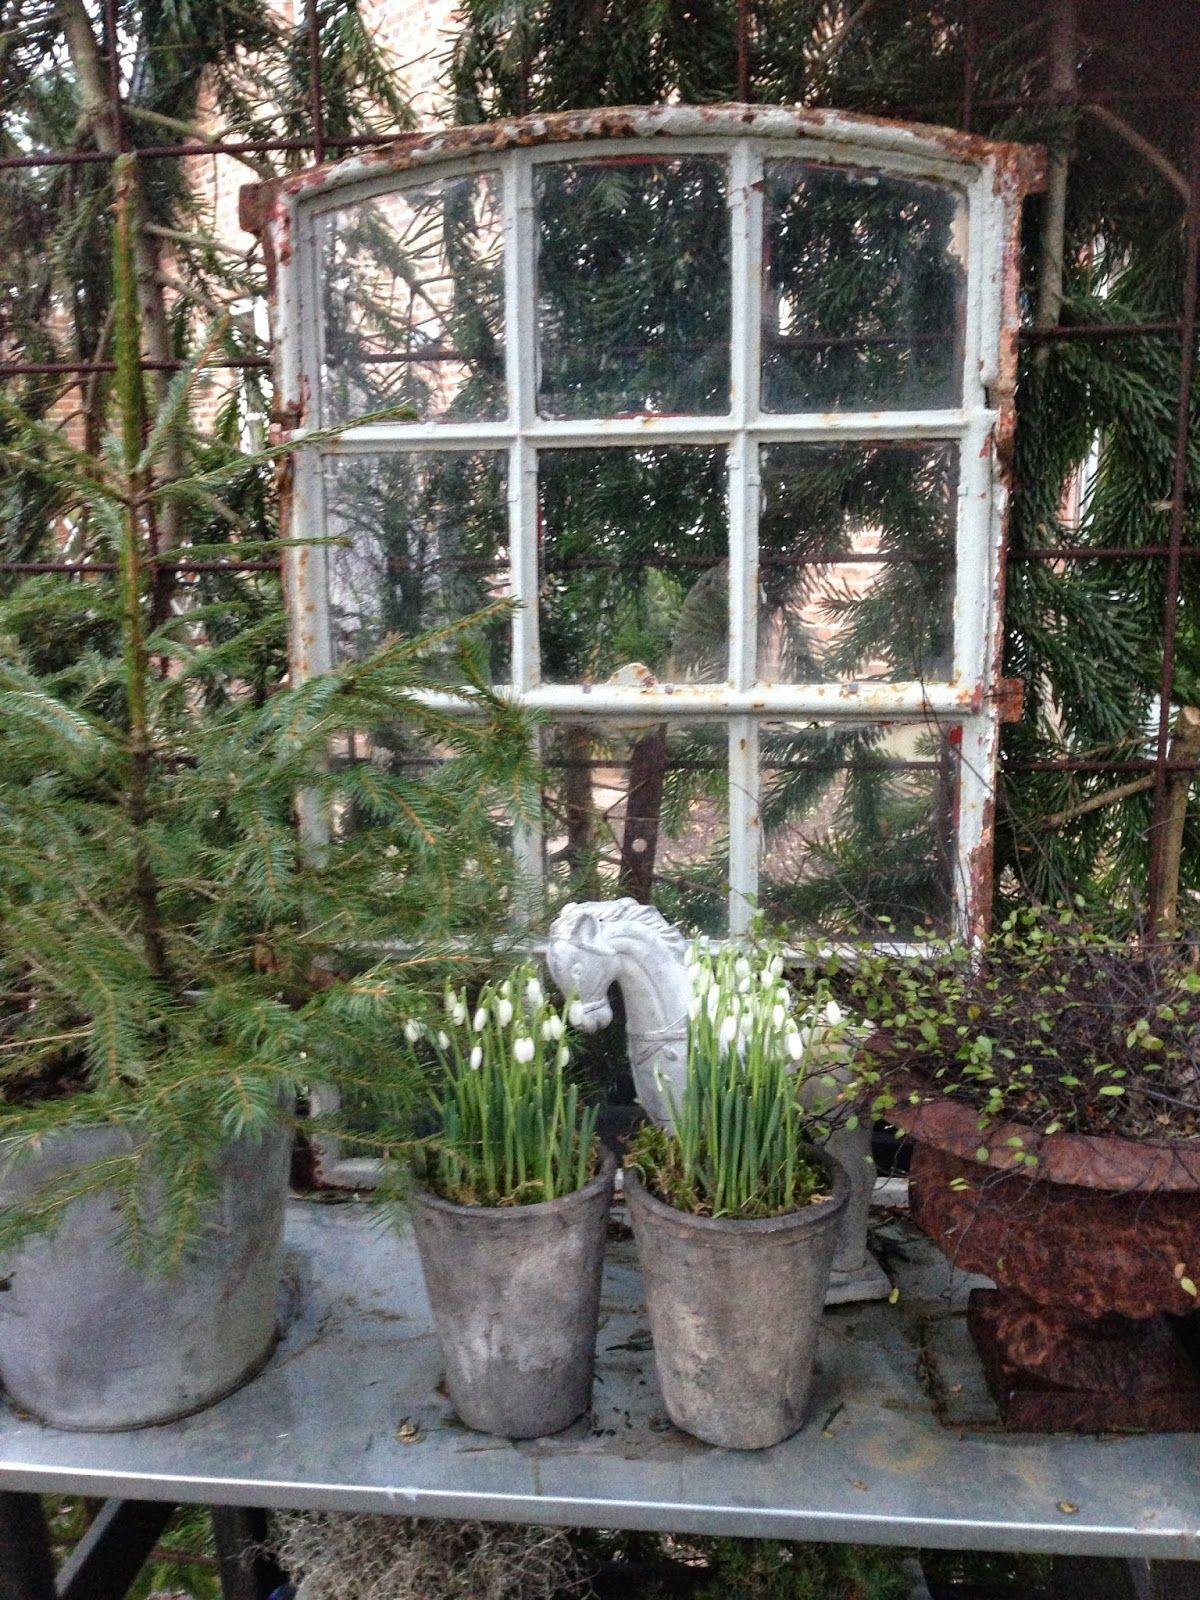 Altes fenster auch als balkonversch nerung am gel nder und somit katzentauglich gabi - Wohnen und garten weihnachten ...